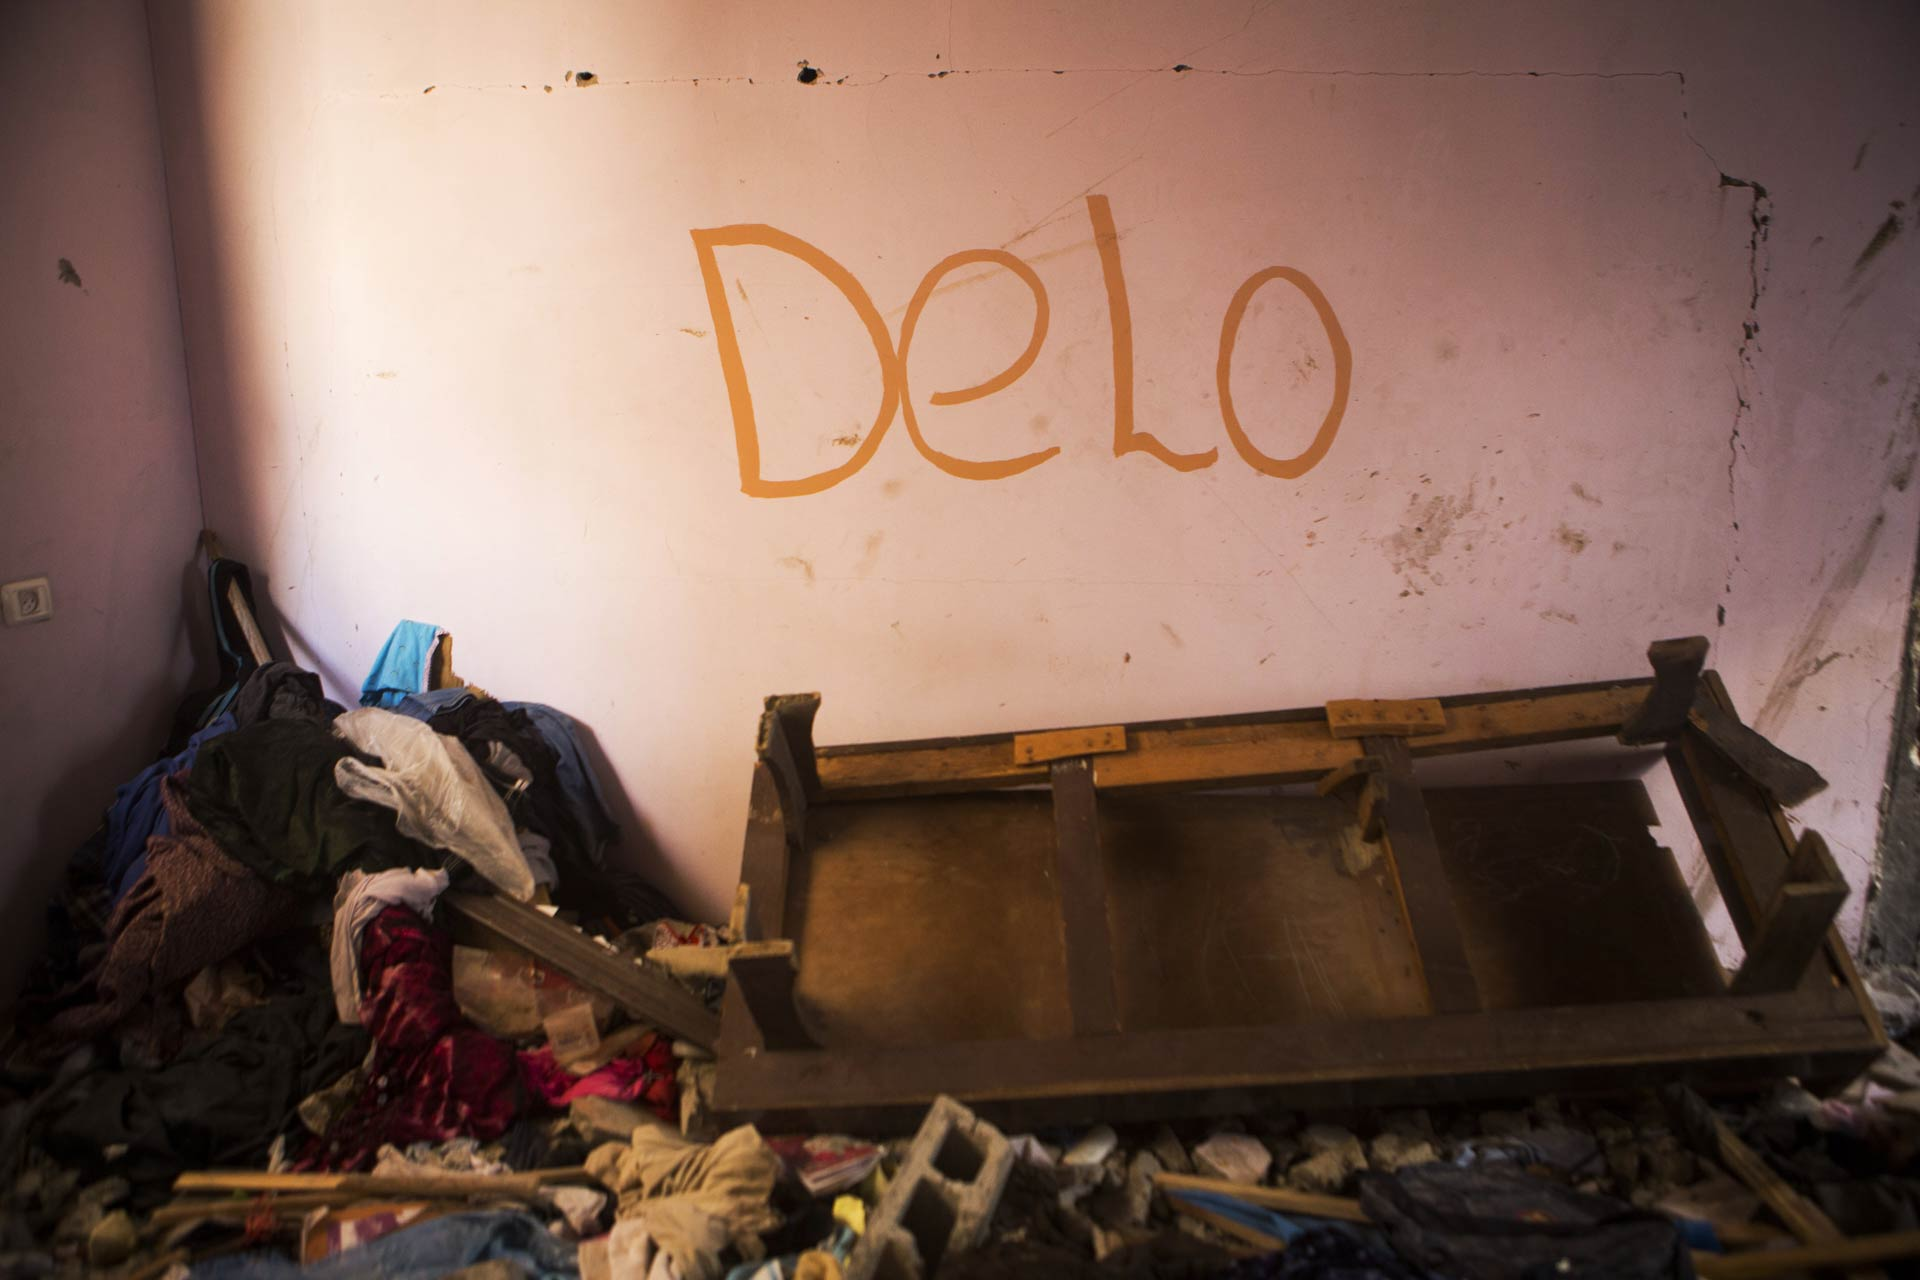 """""""Delo"""" Pokój siedemnastoletniej Hadil, którą nazywano """"Delo"""". """"Chciała zostać lekarką; obiecała to swojej babci"""" - mówi ojciec Hadil, Abdelkarim. Jej kuzyn, Ala, dodaje, że z matury dostała 92%. Cała rodzina była z niej dumna."""